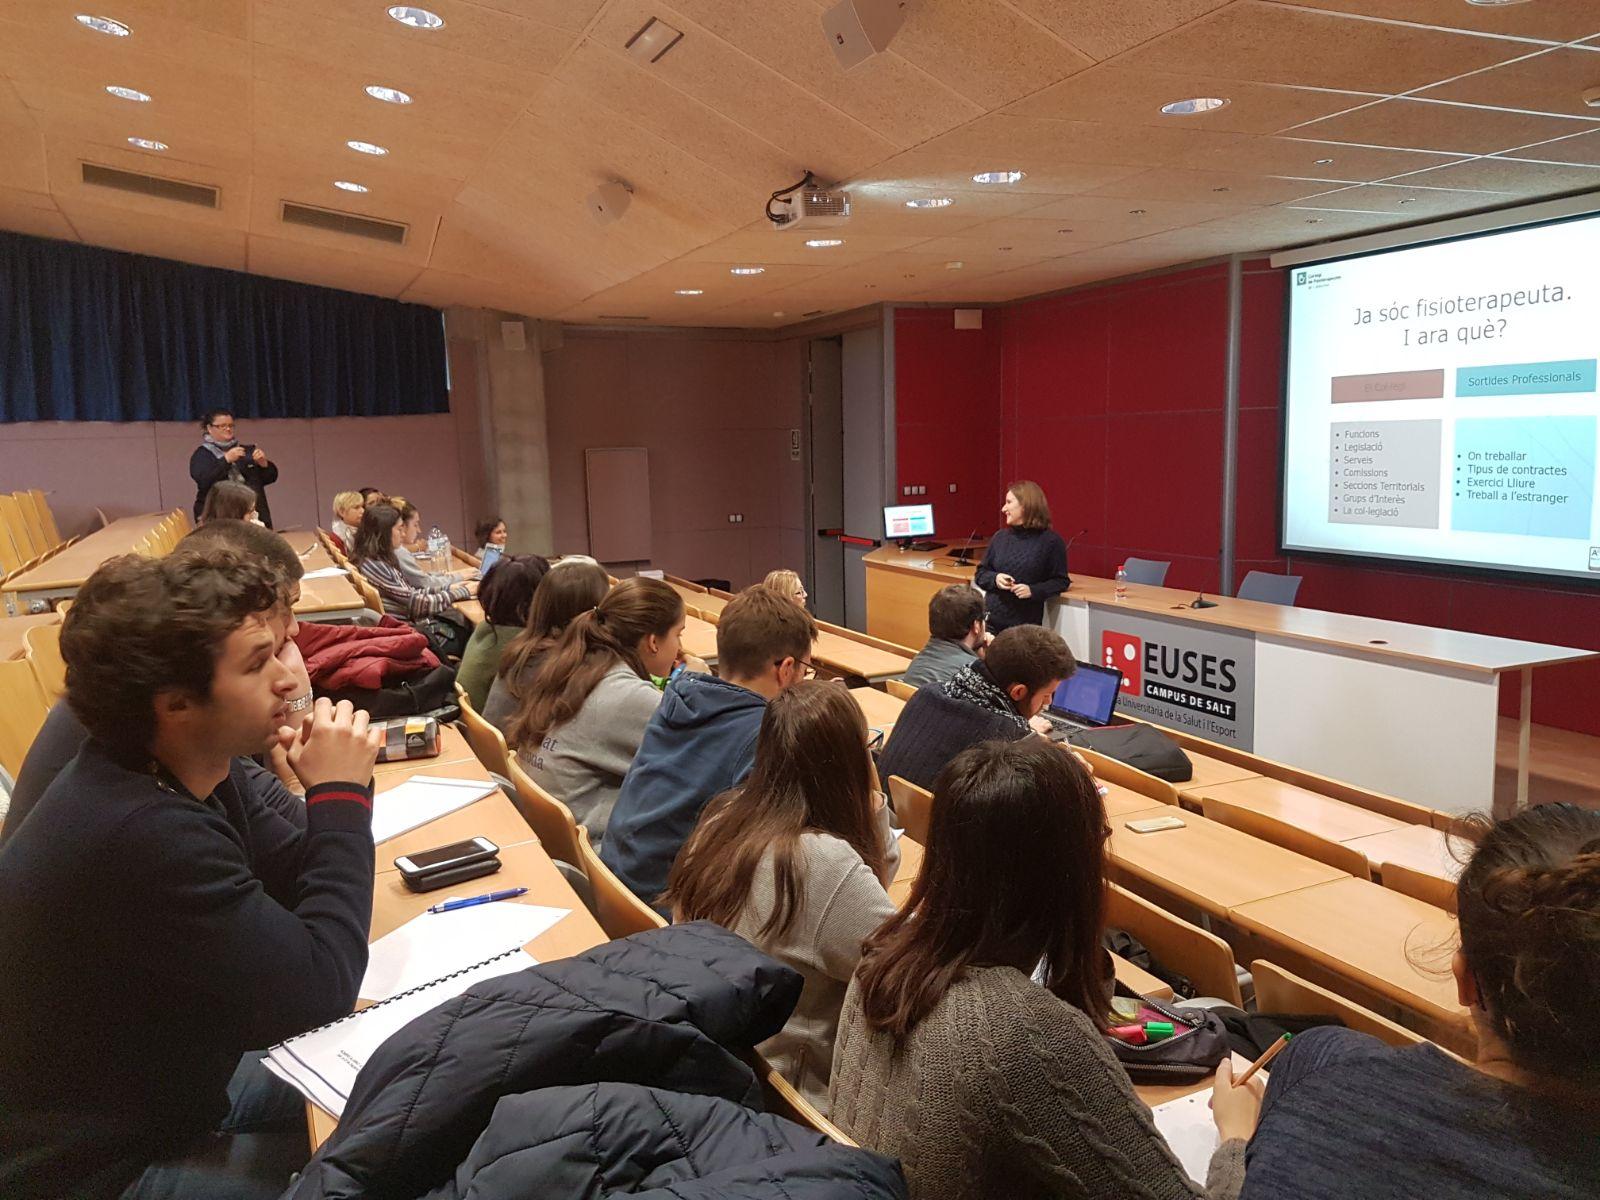 EUSES i el col·legi de fisioterapeutes realitzen una sessió informativa sobre sortides professionals als alumnes de 4t curs